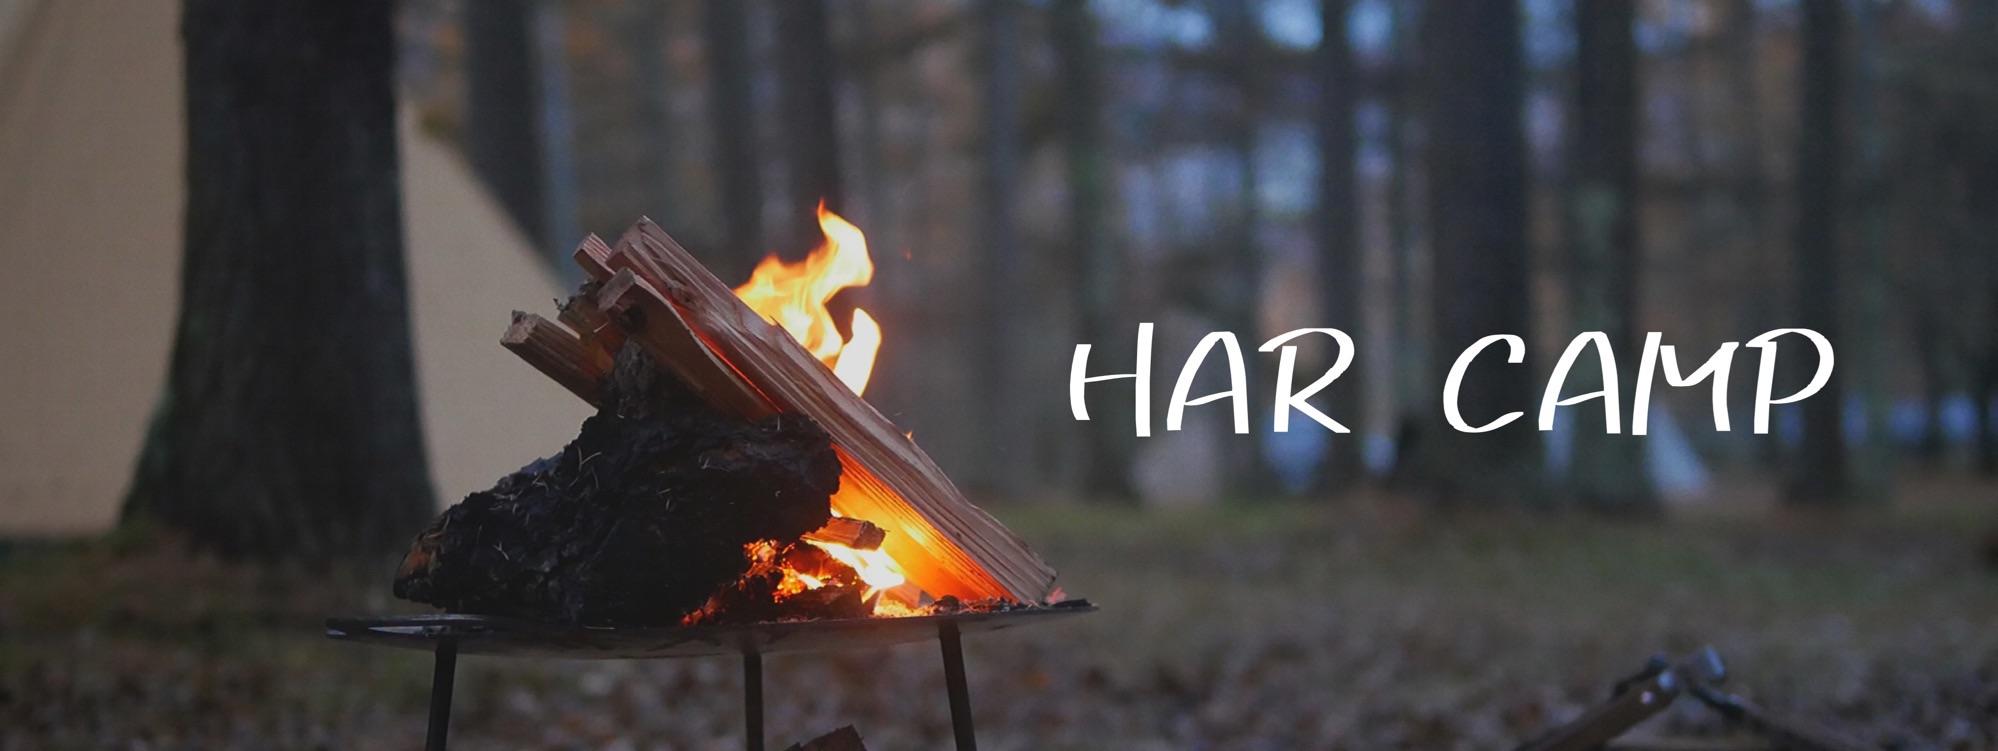 HAR CAMP